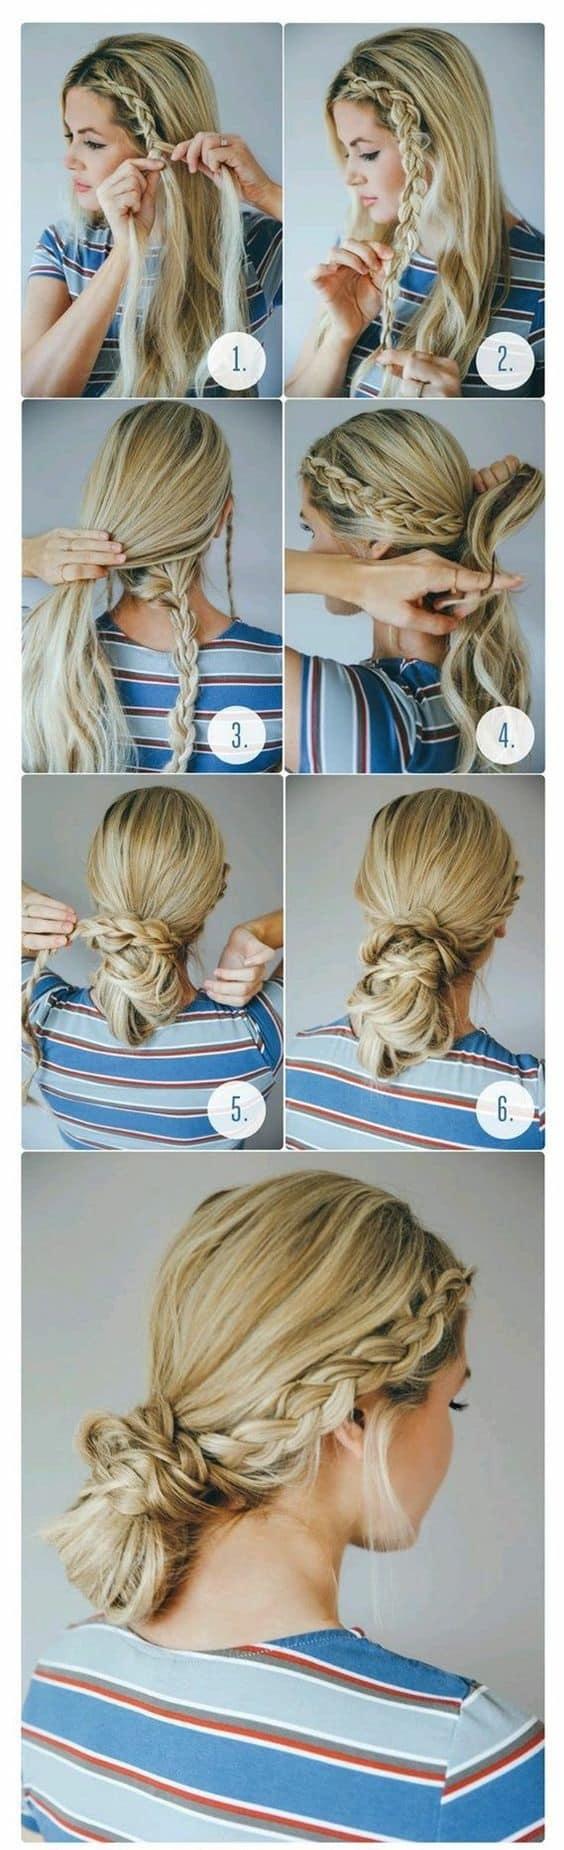 Peinados Recogidos Con Trenzas Faciles Y Sencillos (3)